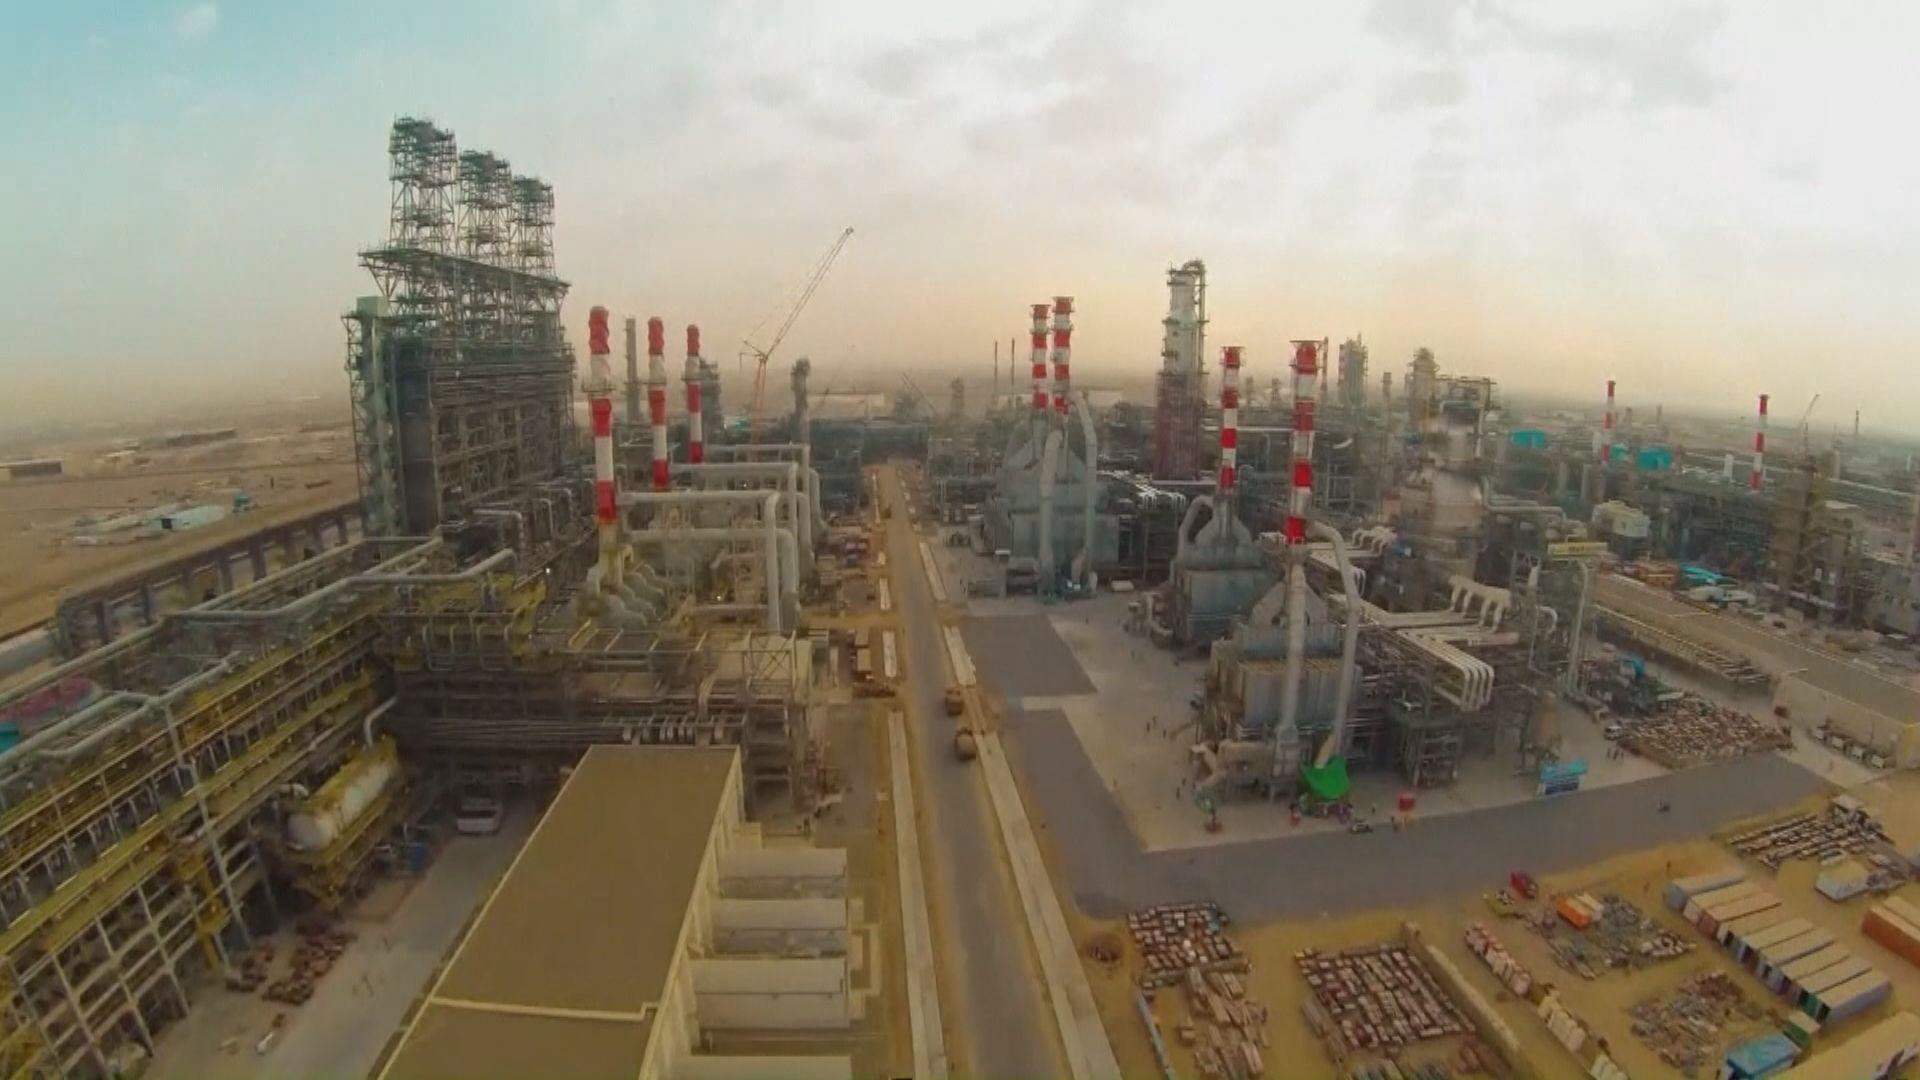 憂中美貿戰壓原油需求 布蘭特期油跌逾3%